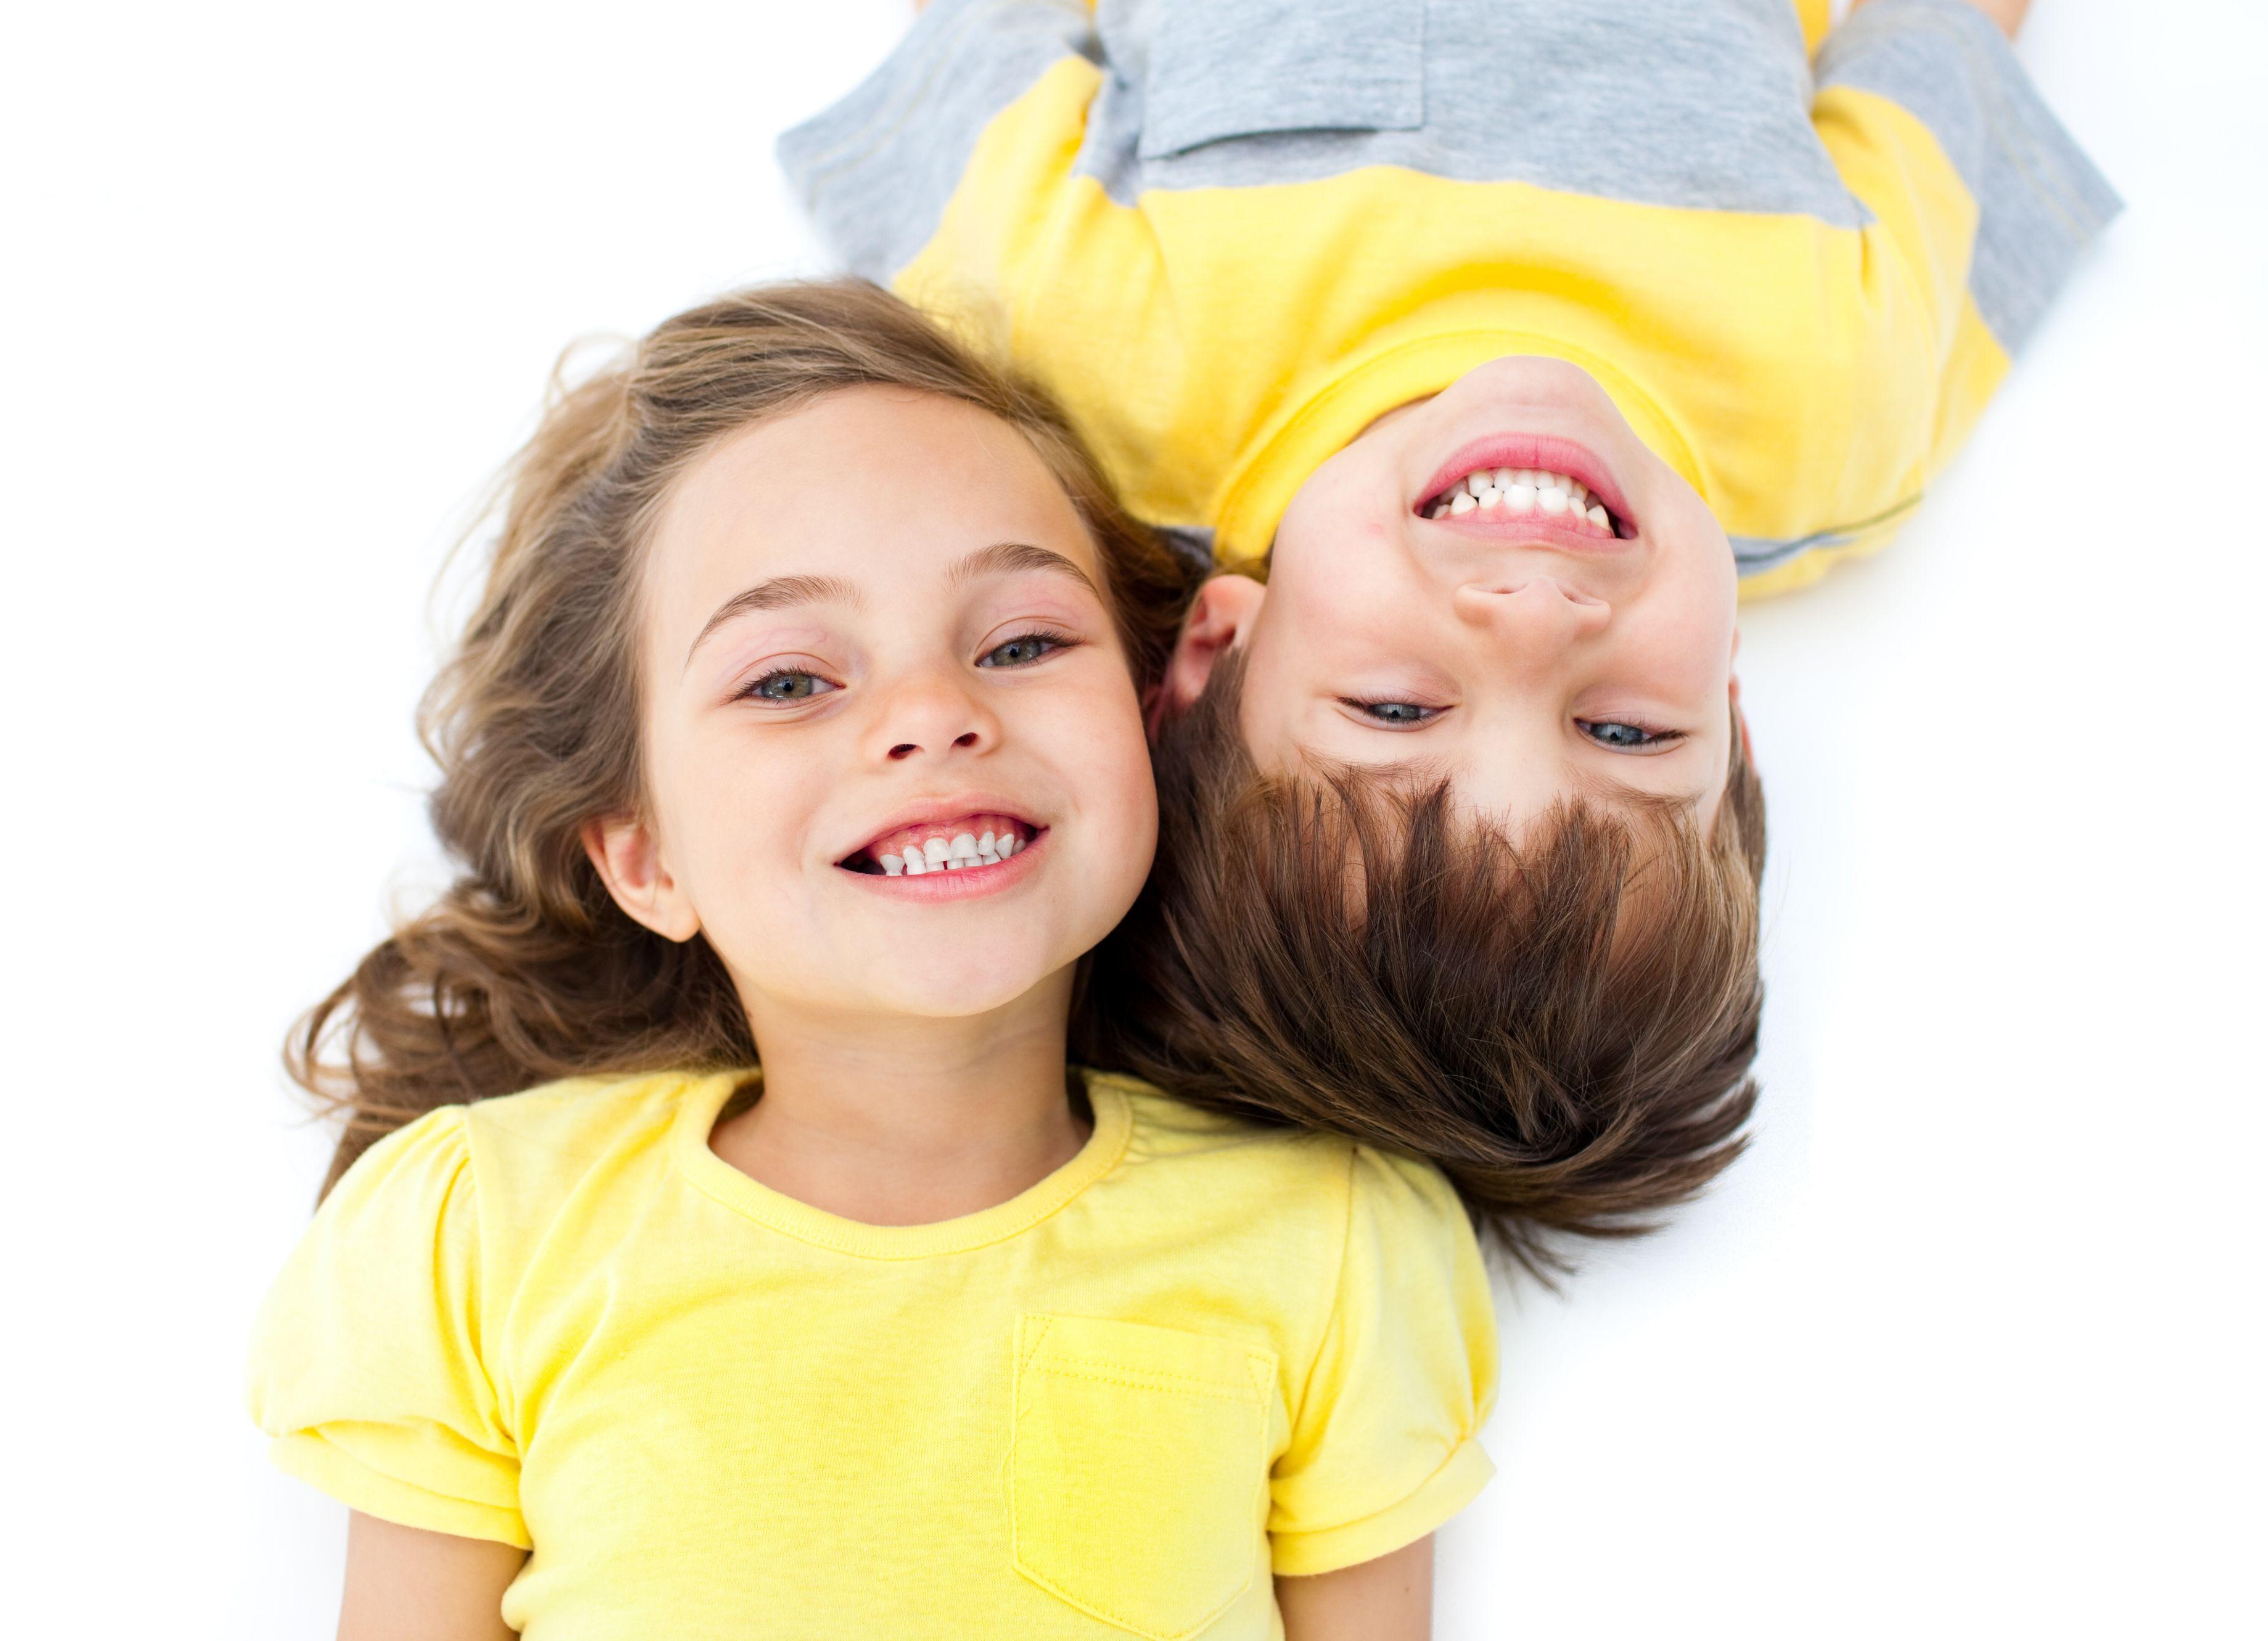 Pediatric Dentistry in Morristown